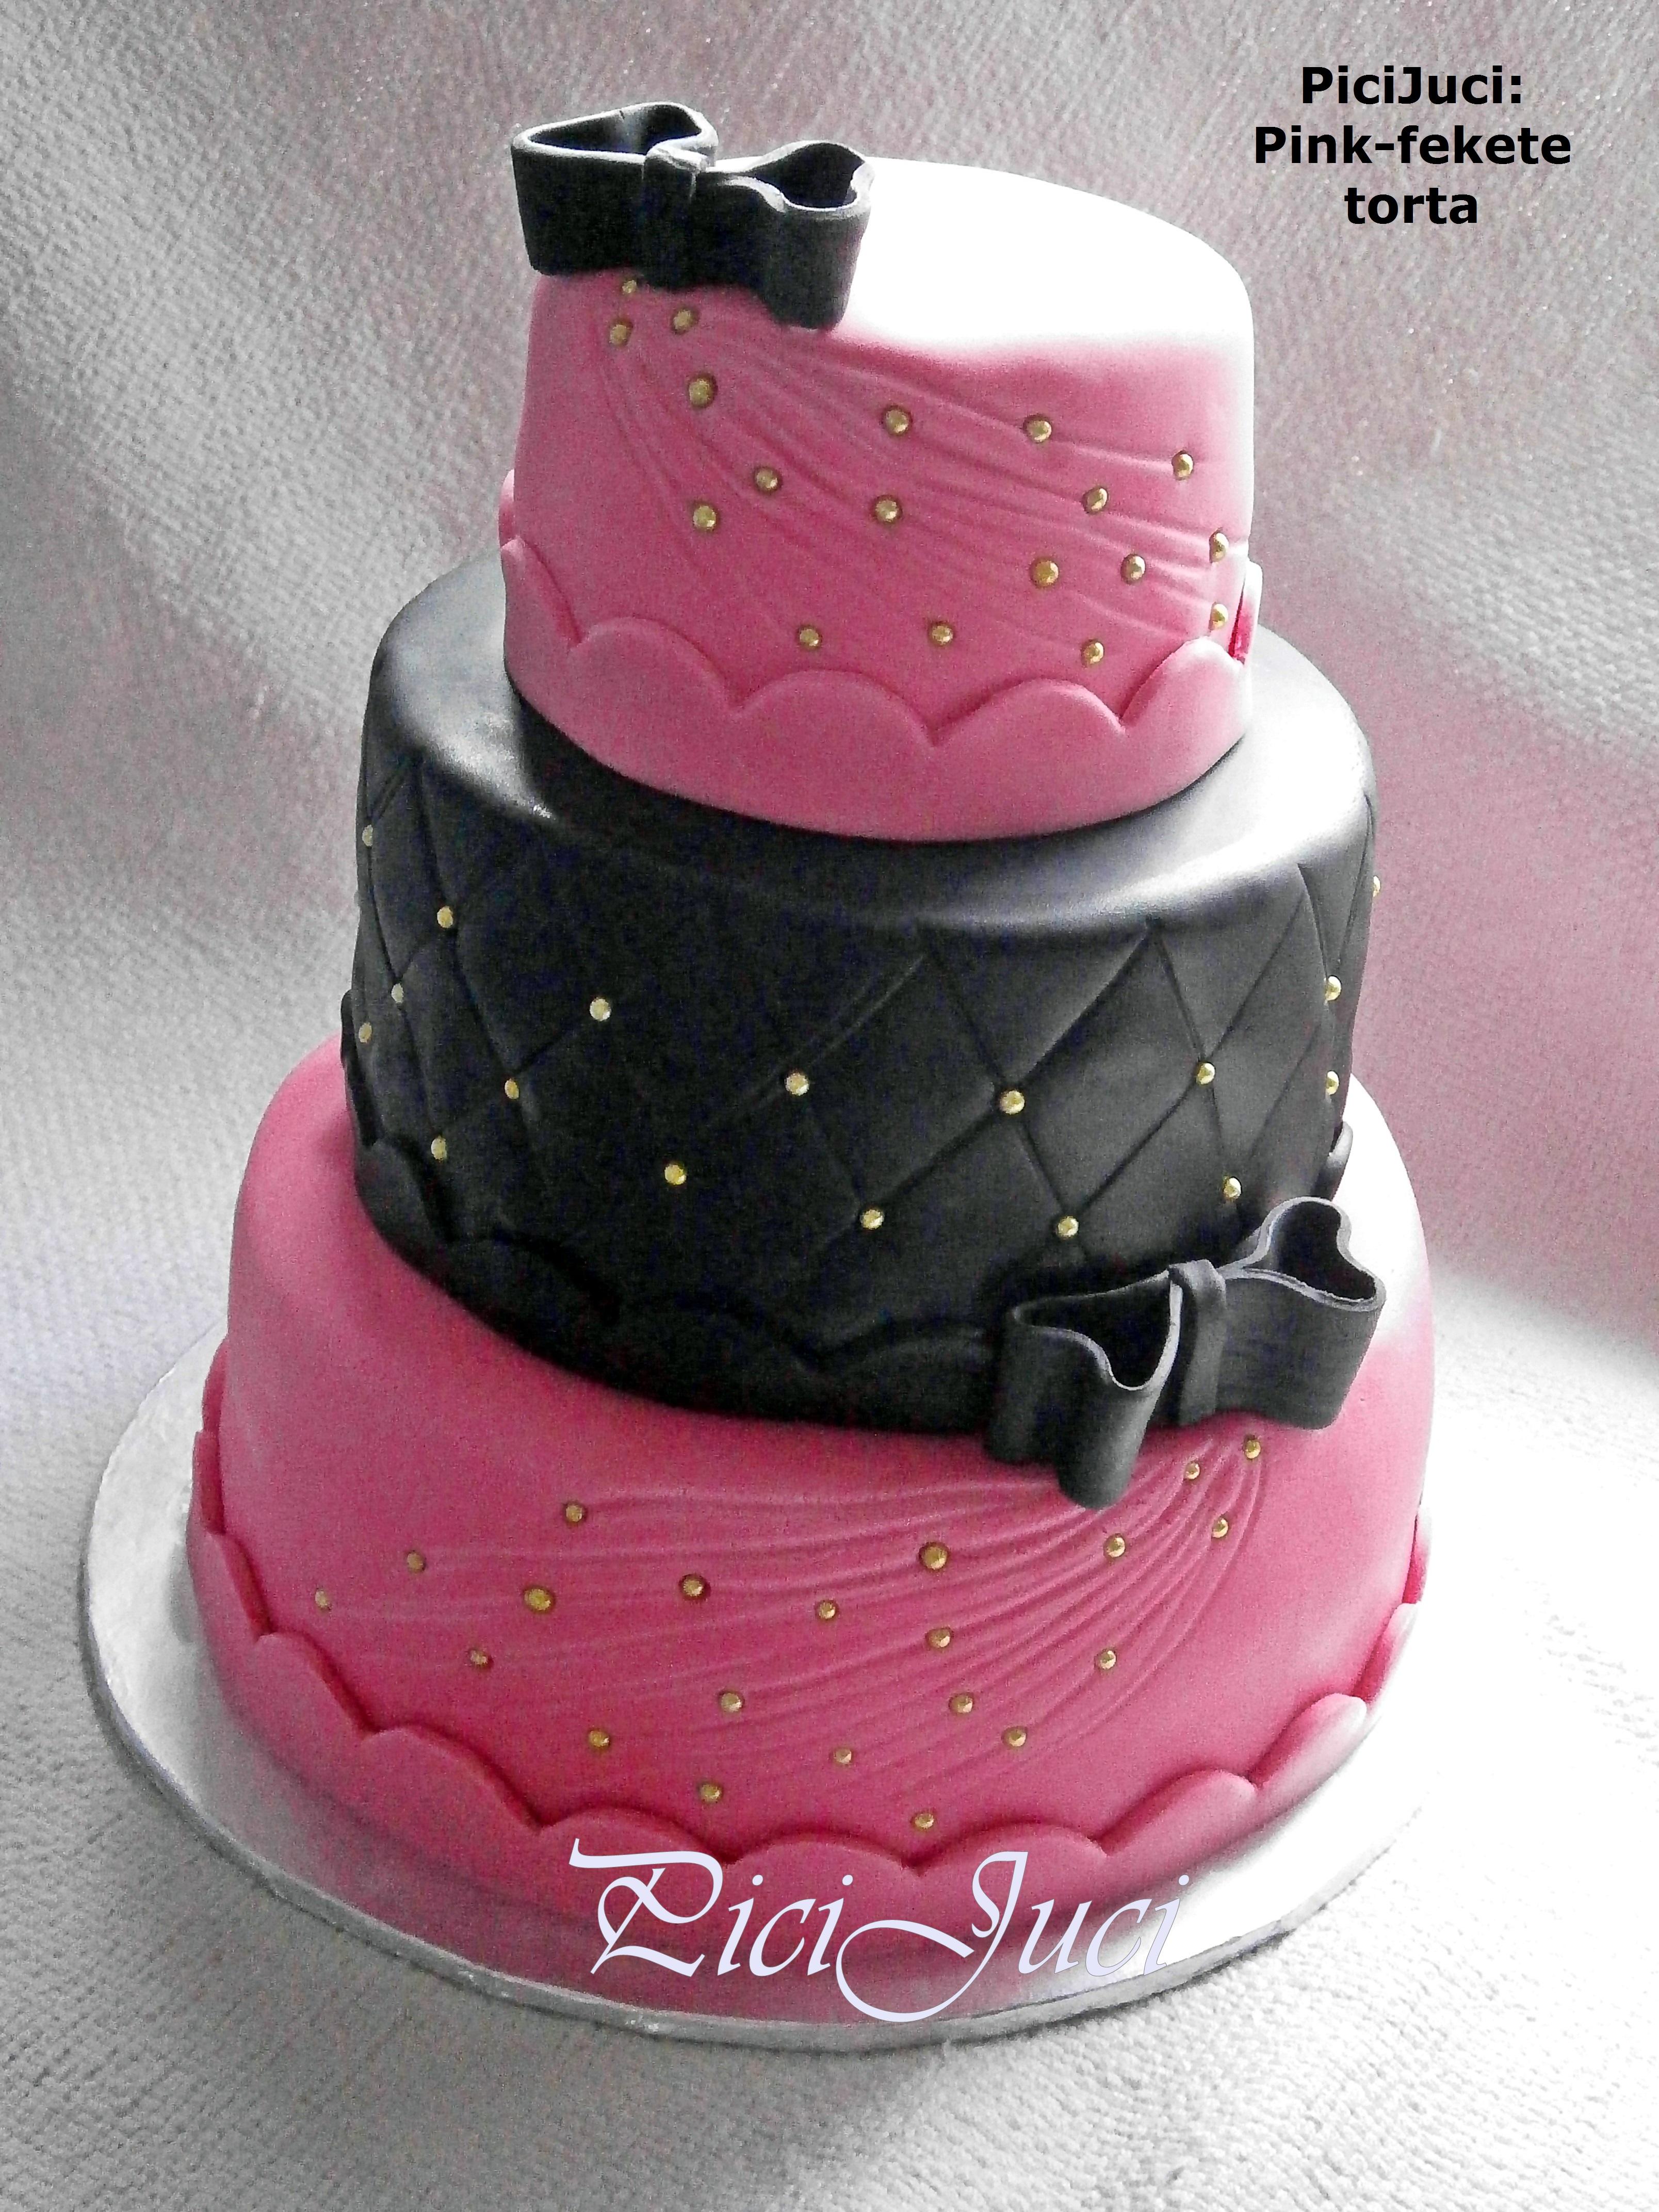 emeletes születésnapi torták Pink fekete 3 emeletes torta/ Pink black 3 tier cake « Picijuci  emeletes születésnapi torták